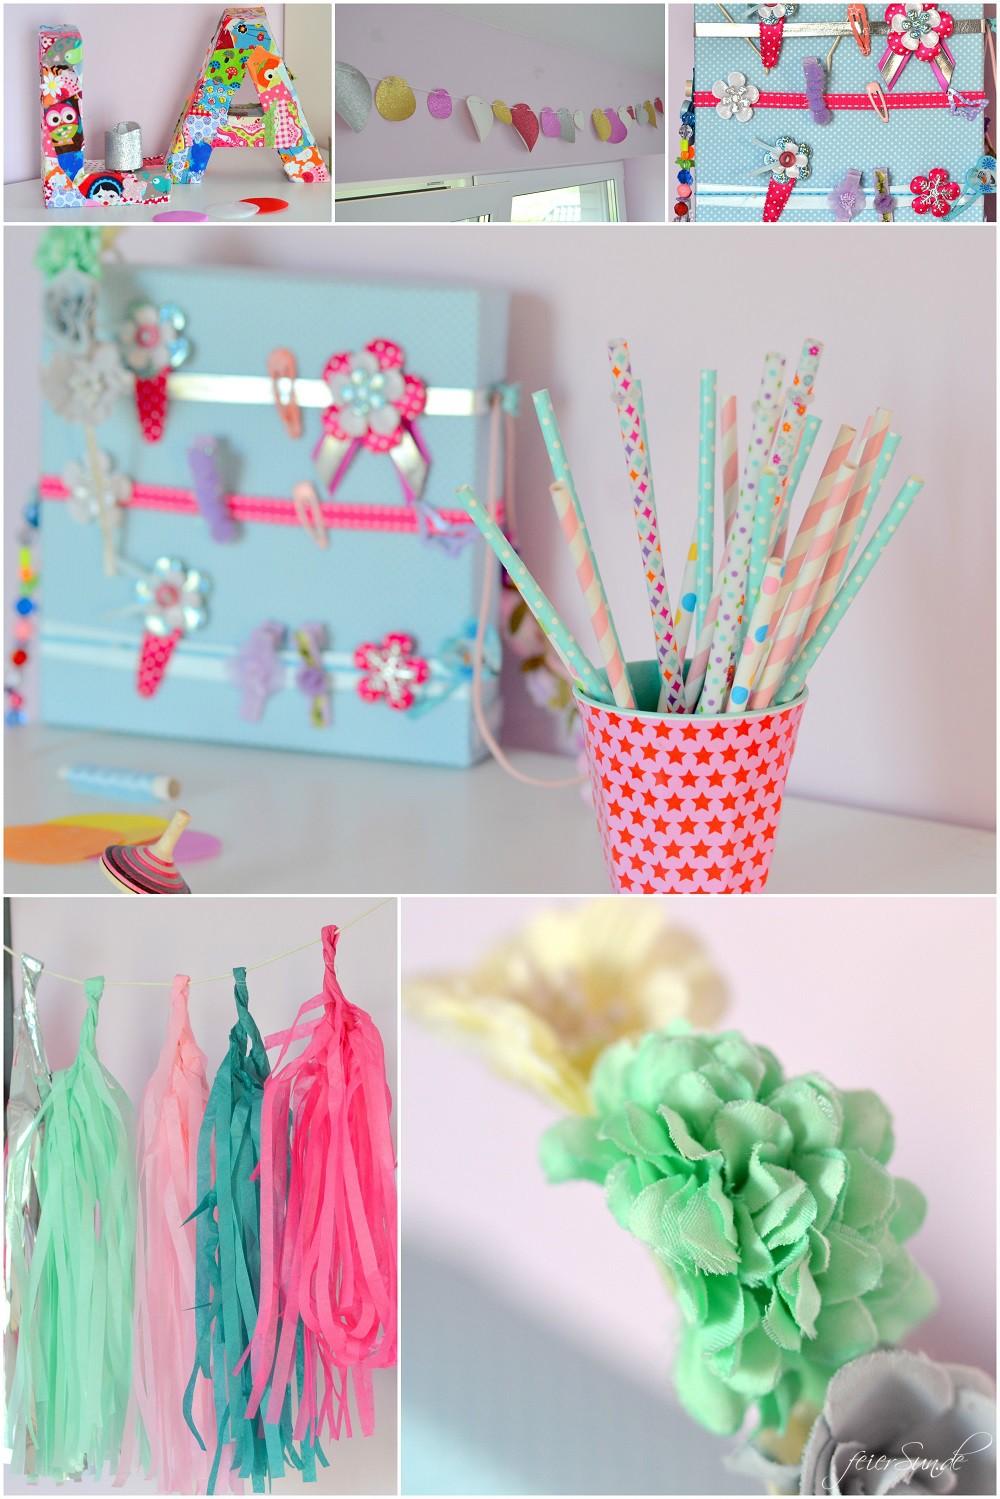 Kinderzimmergestaltung - Summer Time - froehliche Gestaltung Collage Produkte_Sideboard_Deko MyShiny1